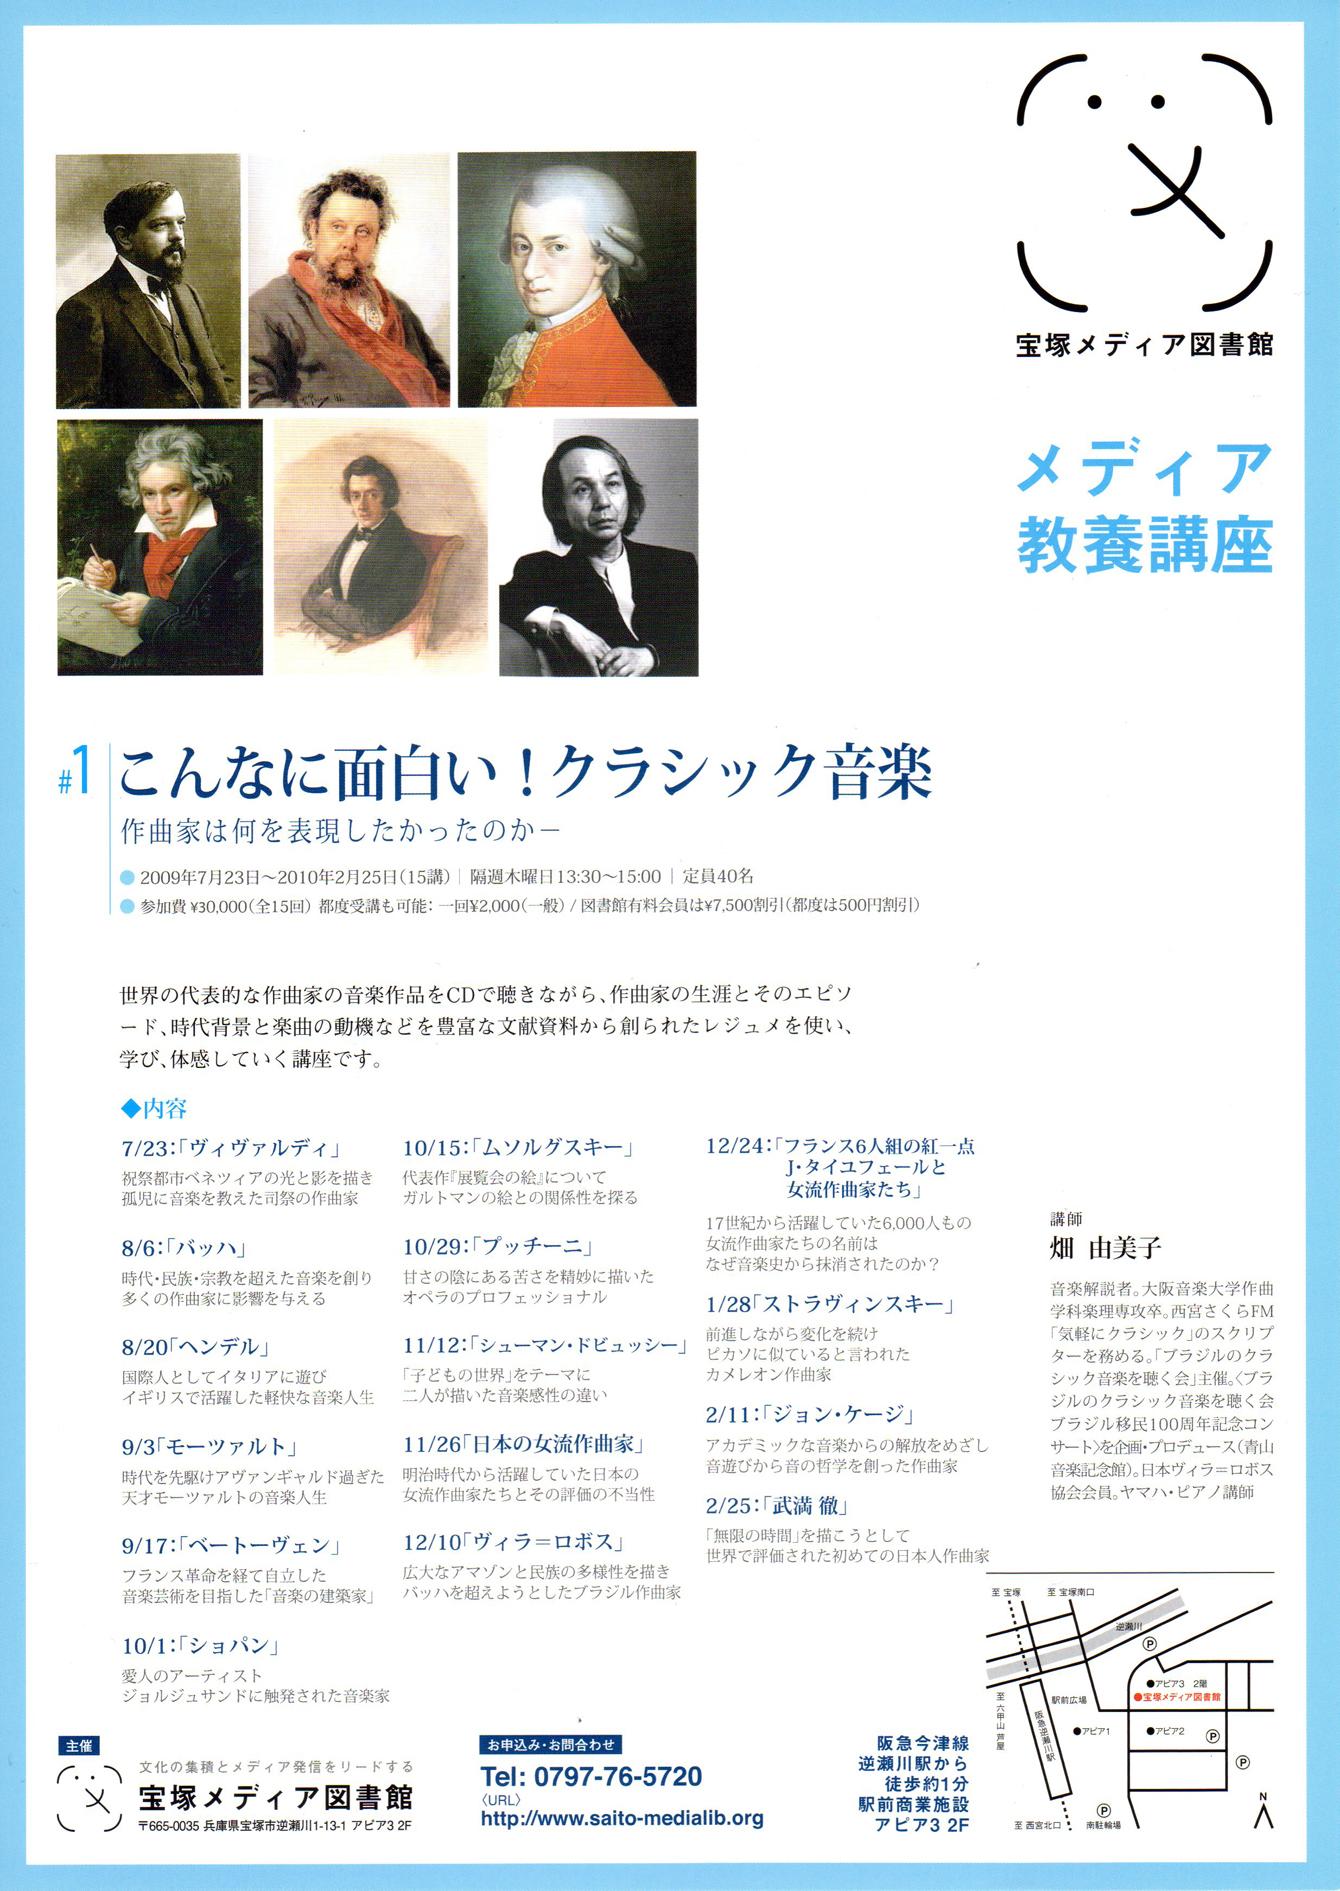 音楽講座 2009/2010「こんなに面白い ! クラシック音楽」by 畑由美子 - 宝塚メディア図書館 (現・大阪国際メディア図書館)